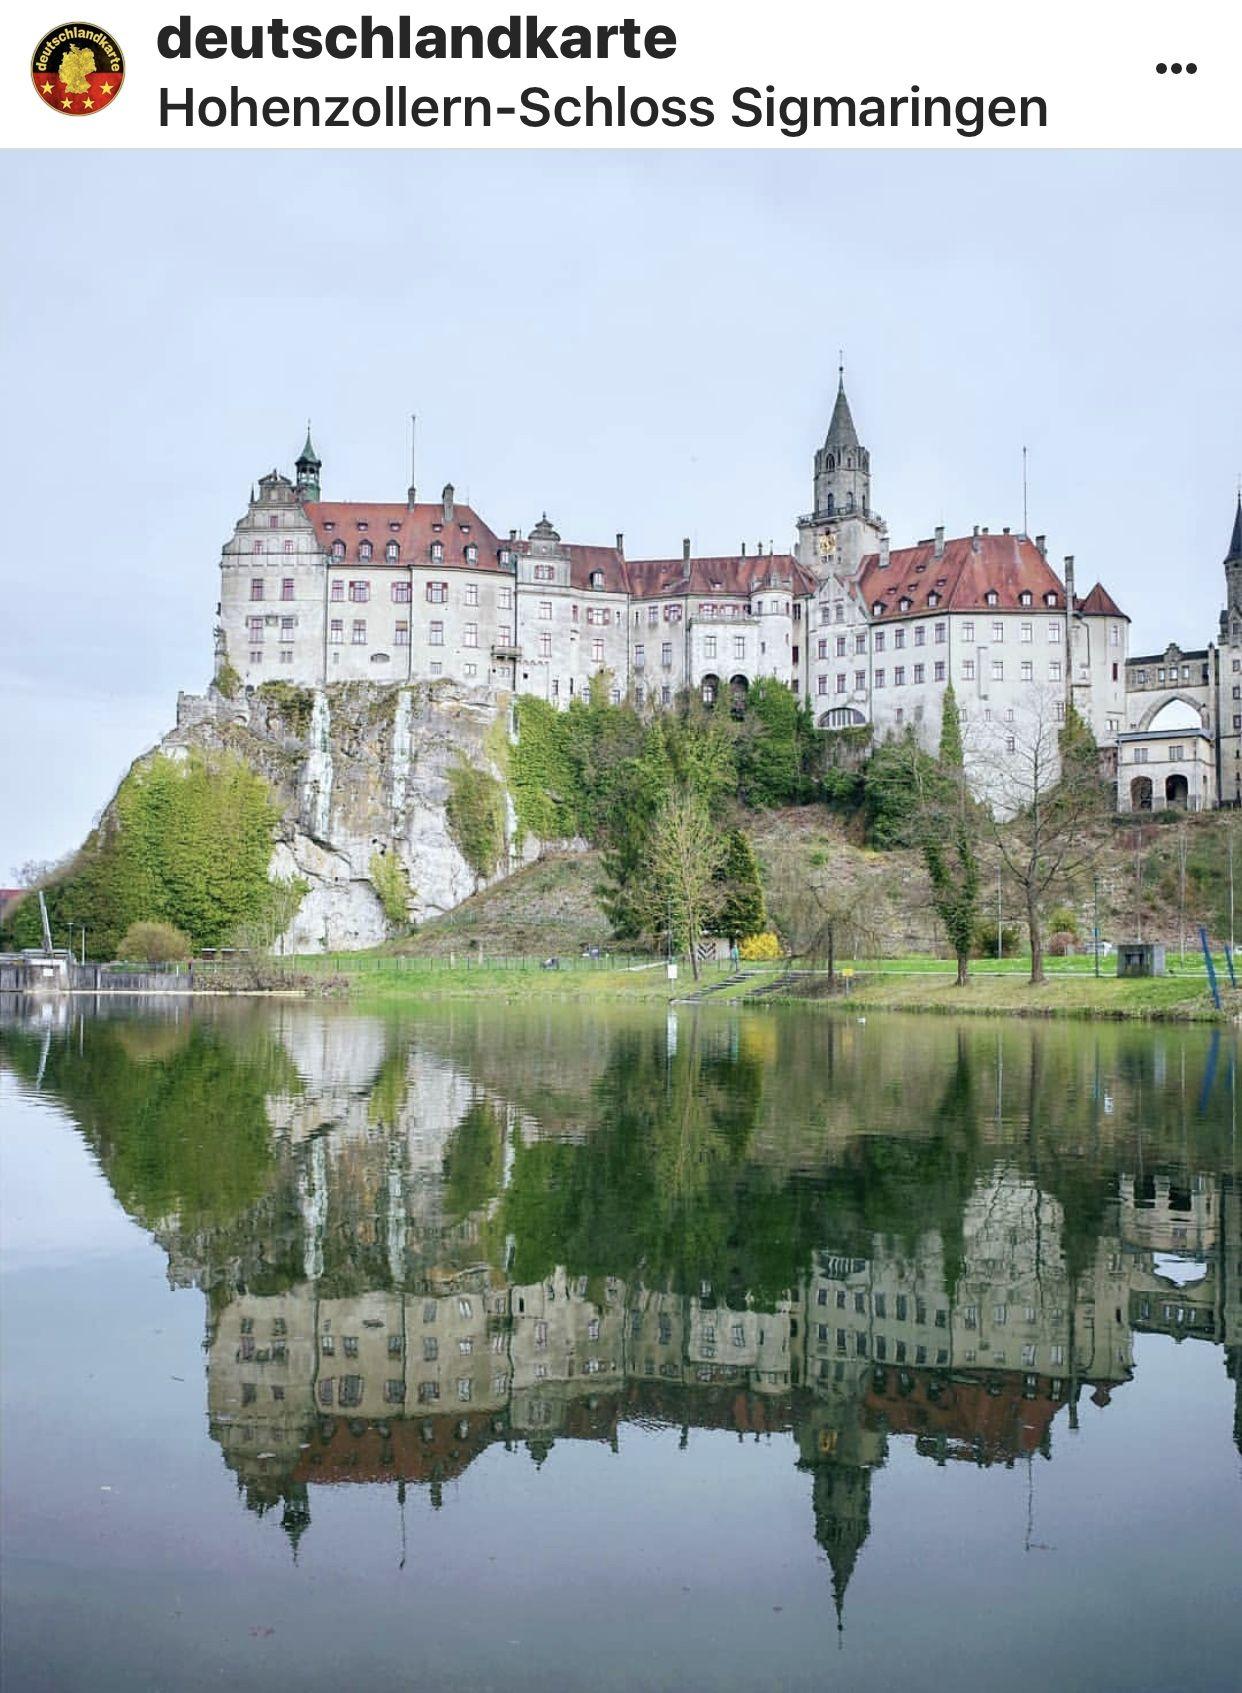 Pin By Elvis On Deutschland Germany Castles Castle Scenery